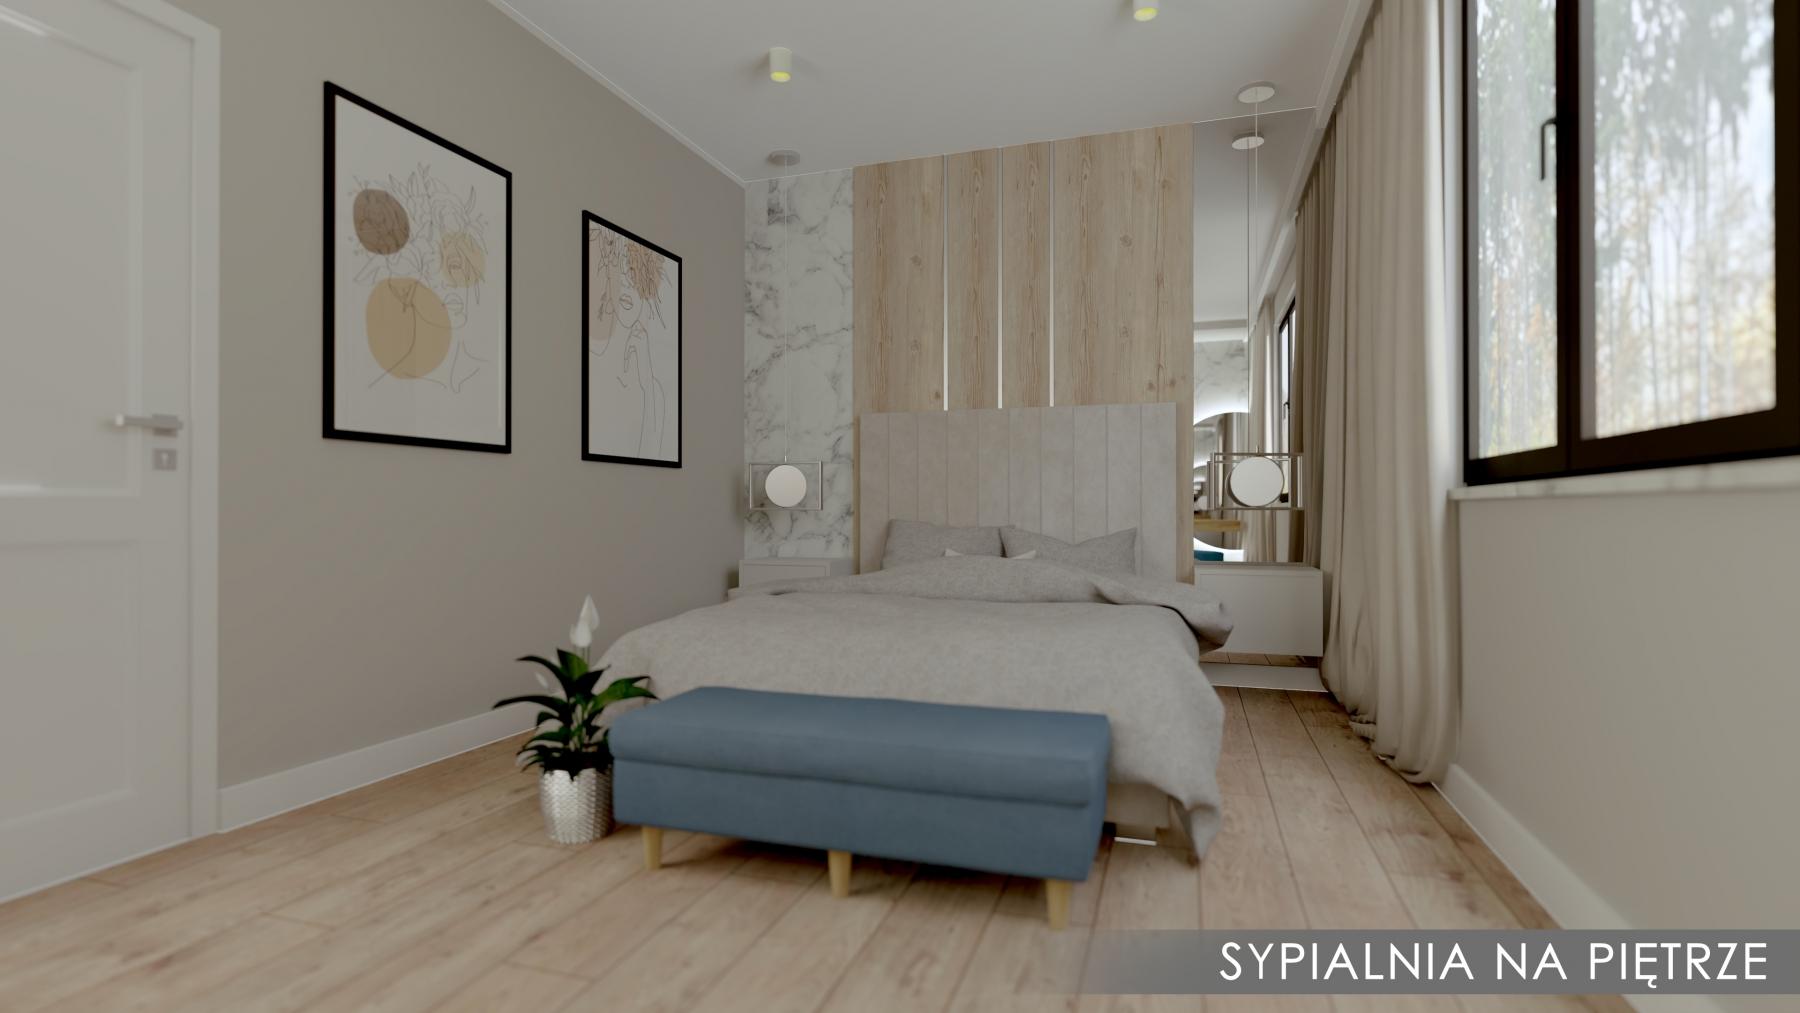 10 1-Sypialnia-na-pietrze